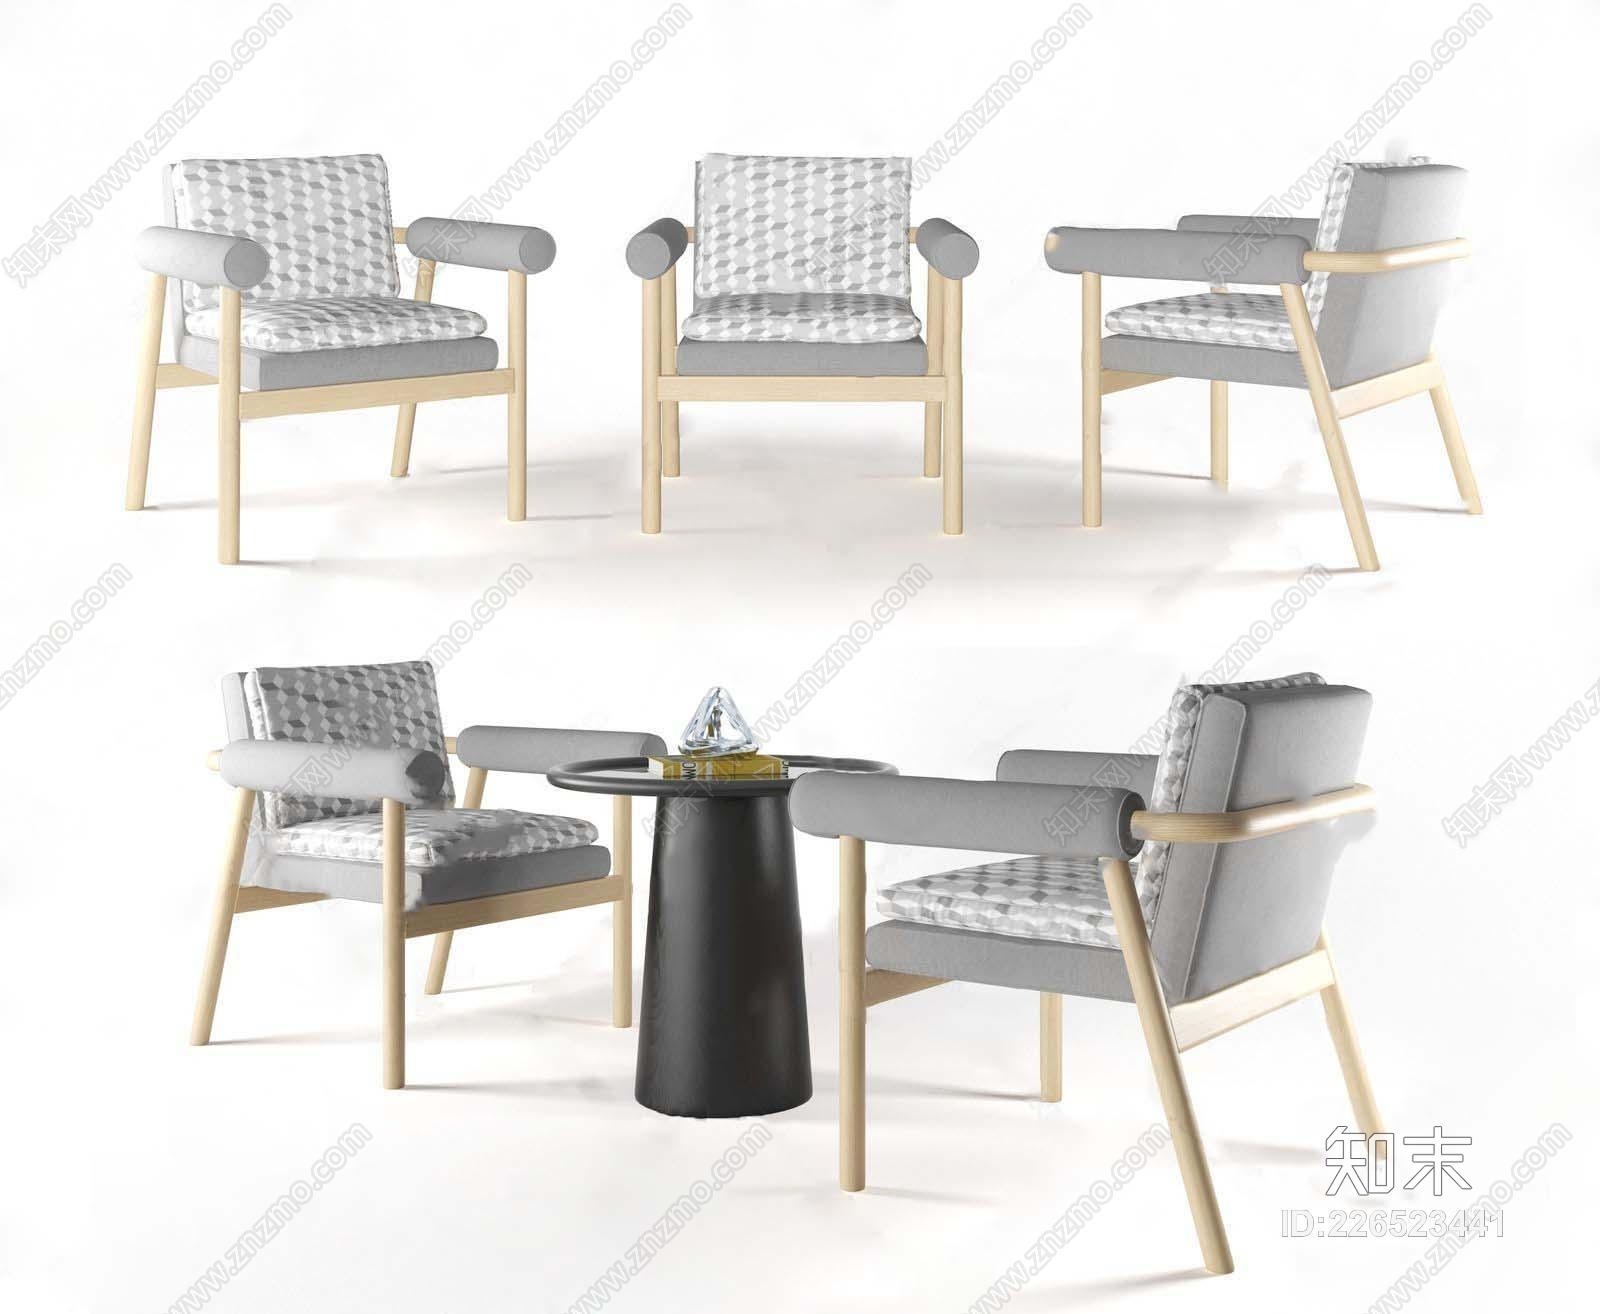 现代休闲椅 现代休闲椅 茶几 单椅